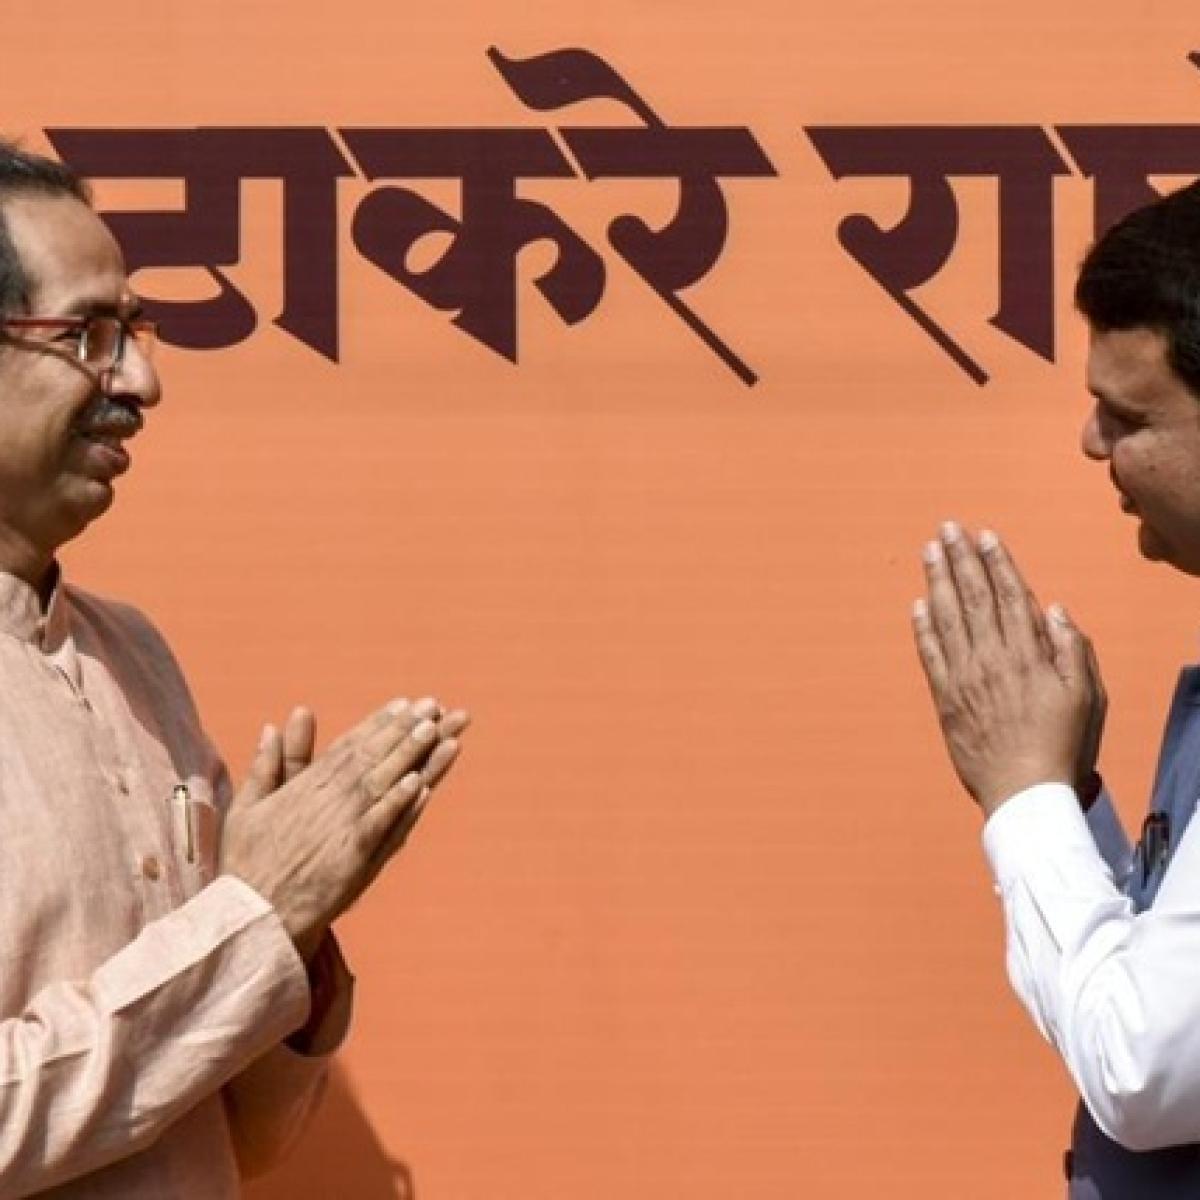 'Shameless politics': Shiv Sena hits out at BJP ahead of SC hearing